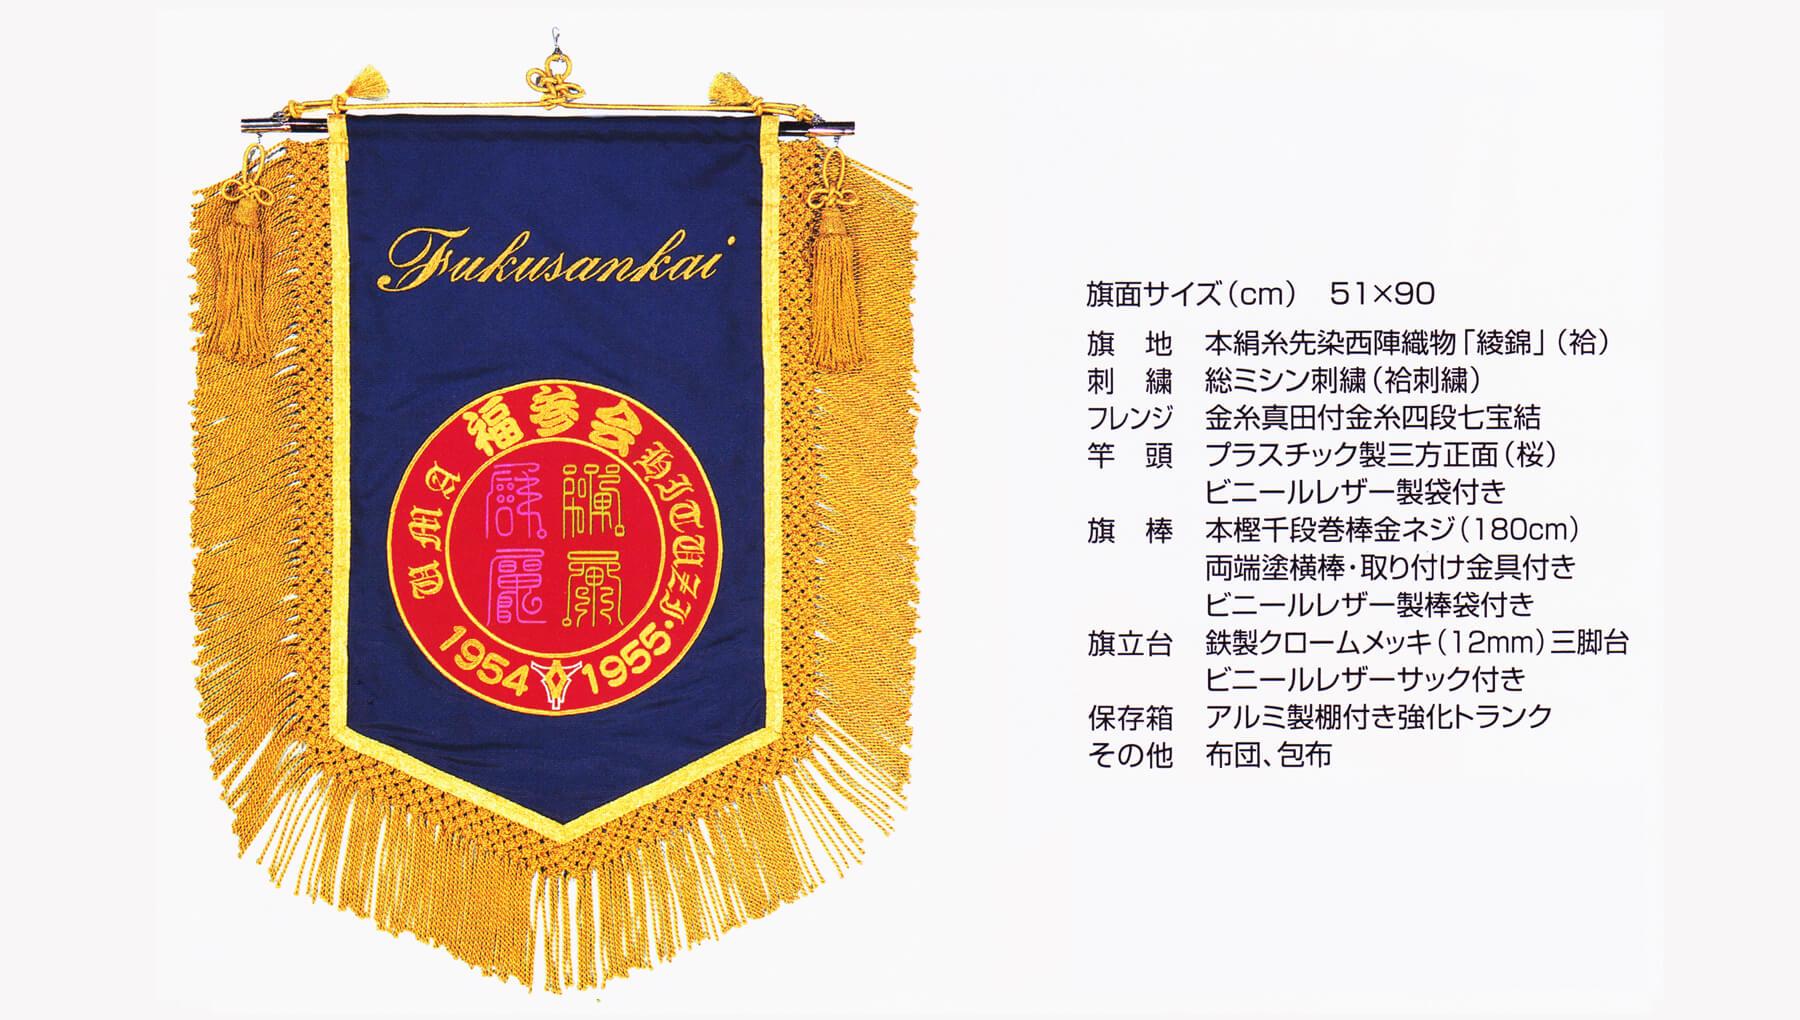 オリジナルの旗(縦型 総ミシン刺繍)のサンプル写真